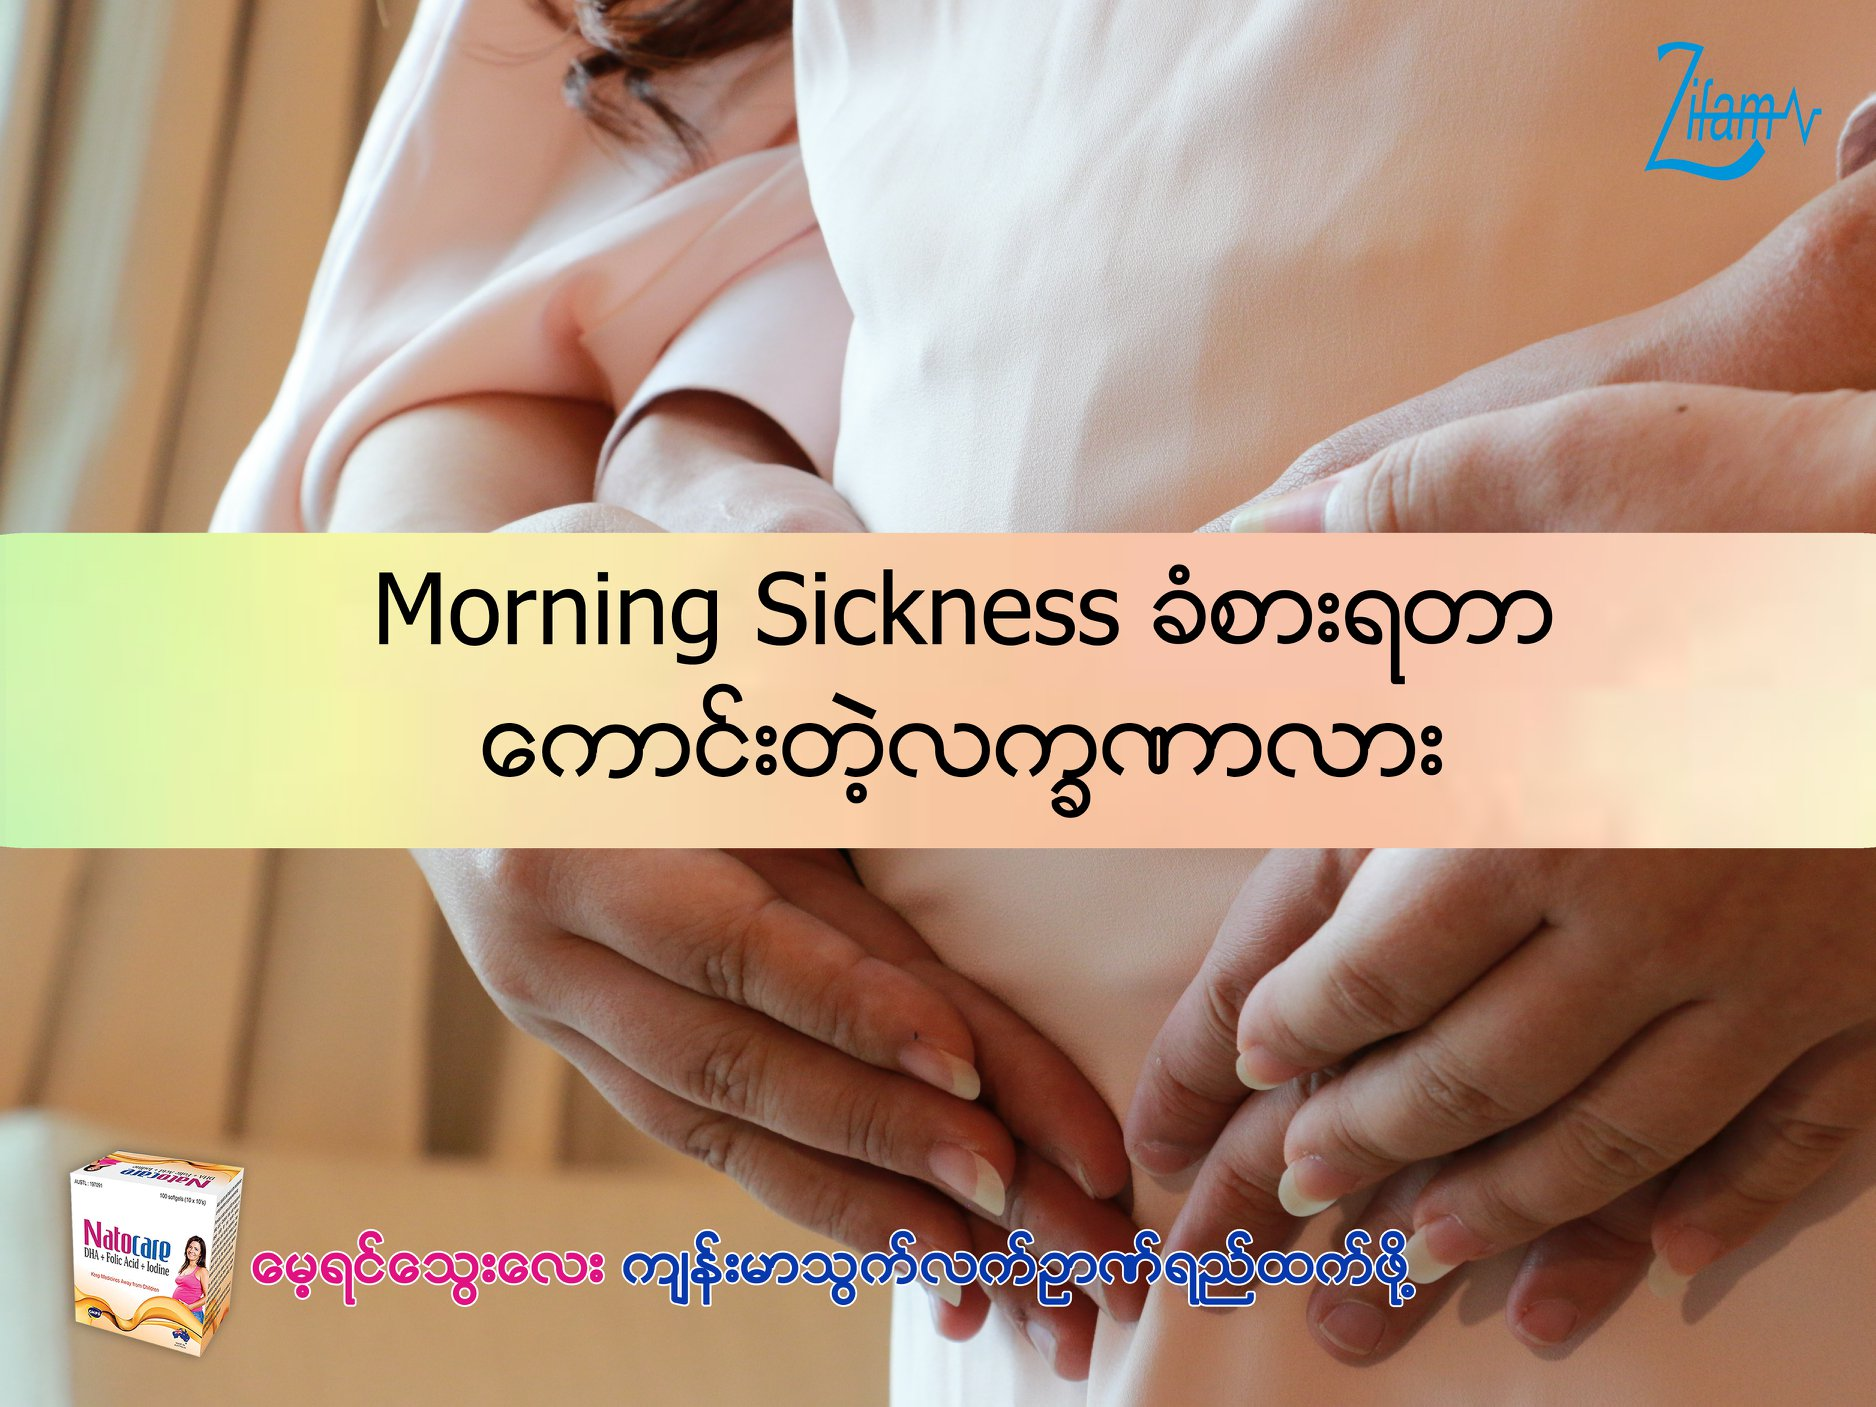 ကိုယ္ဝန္ေဆာင္ေမေမေတြ Morning Sickness (အိပ္ရာထေရာဂါ) ခံစားရတာေကာင္းတဲ့လကၡဏာလား